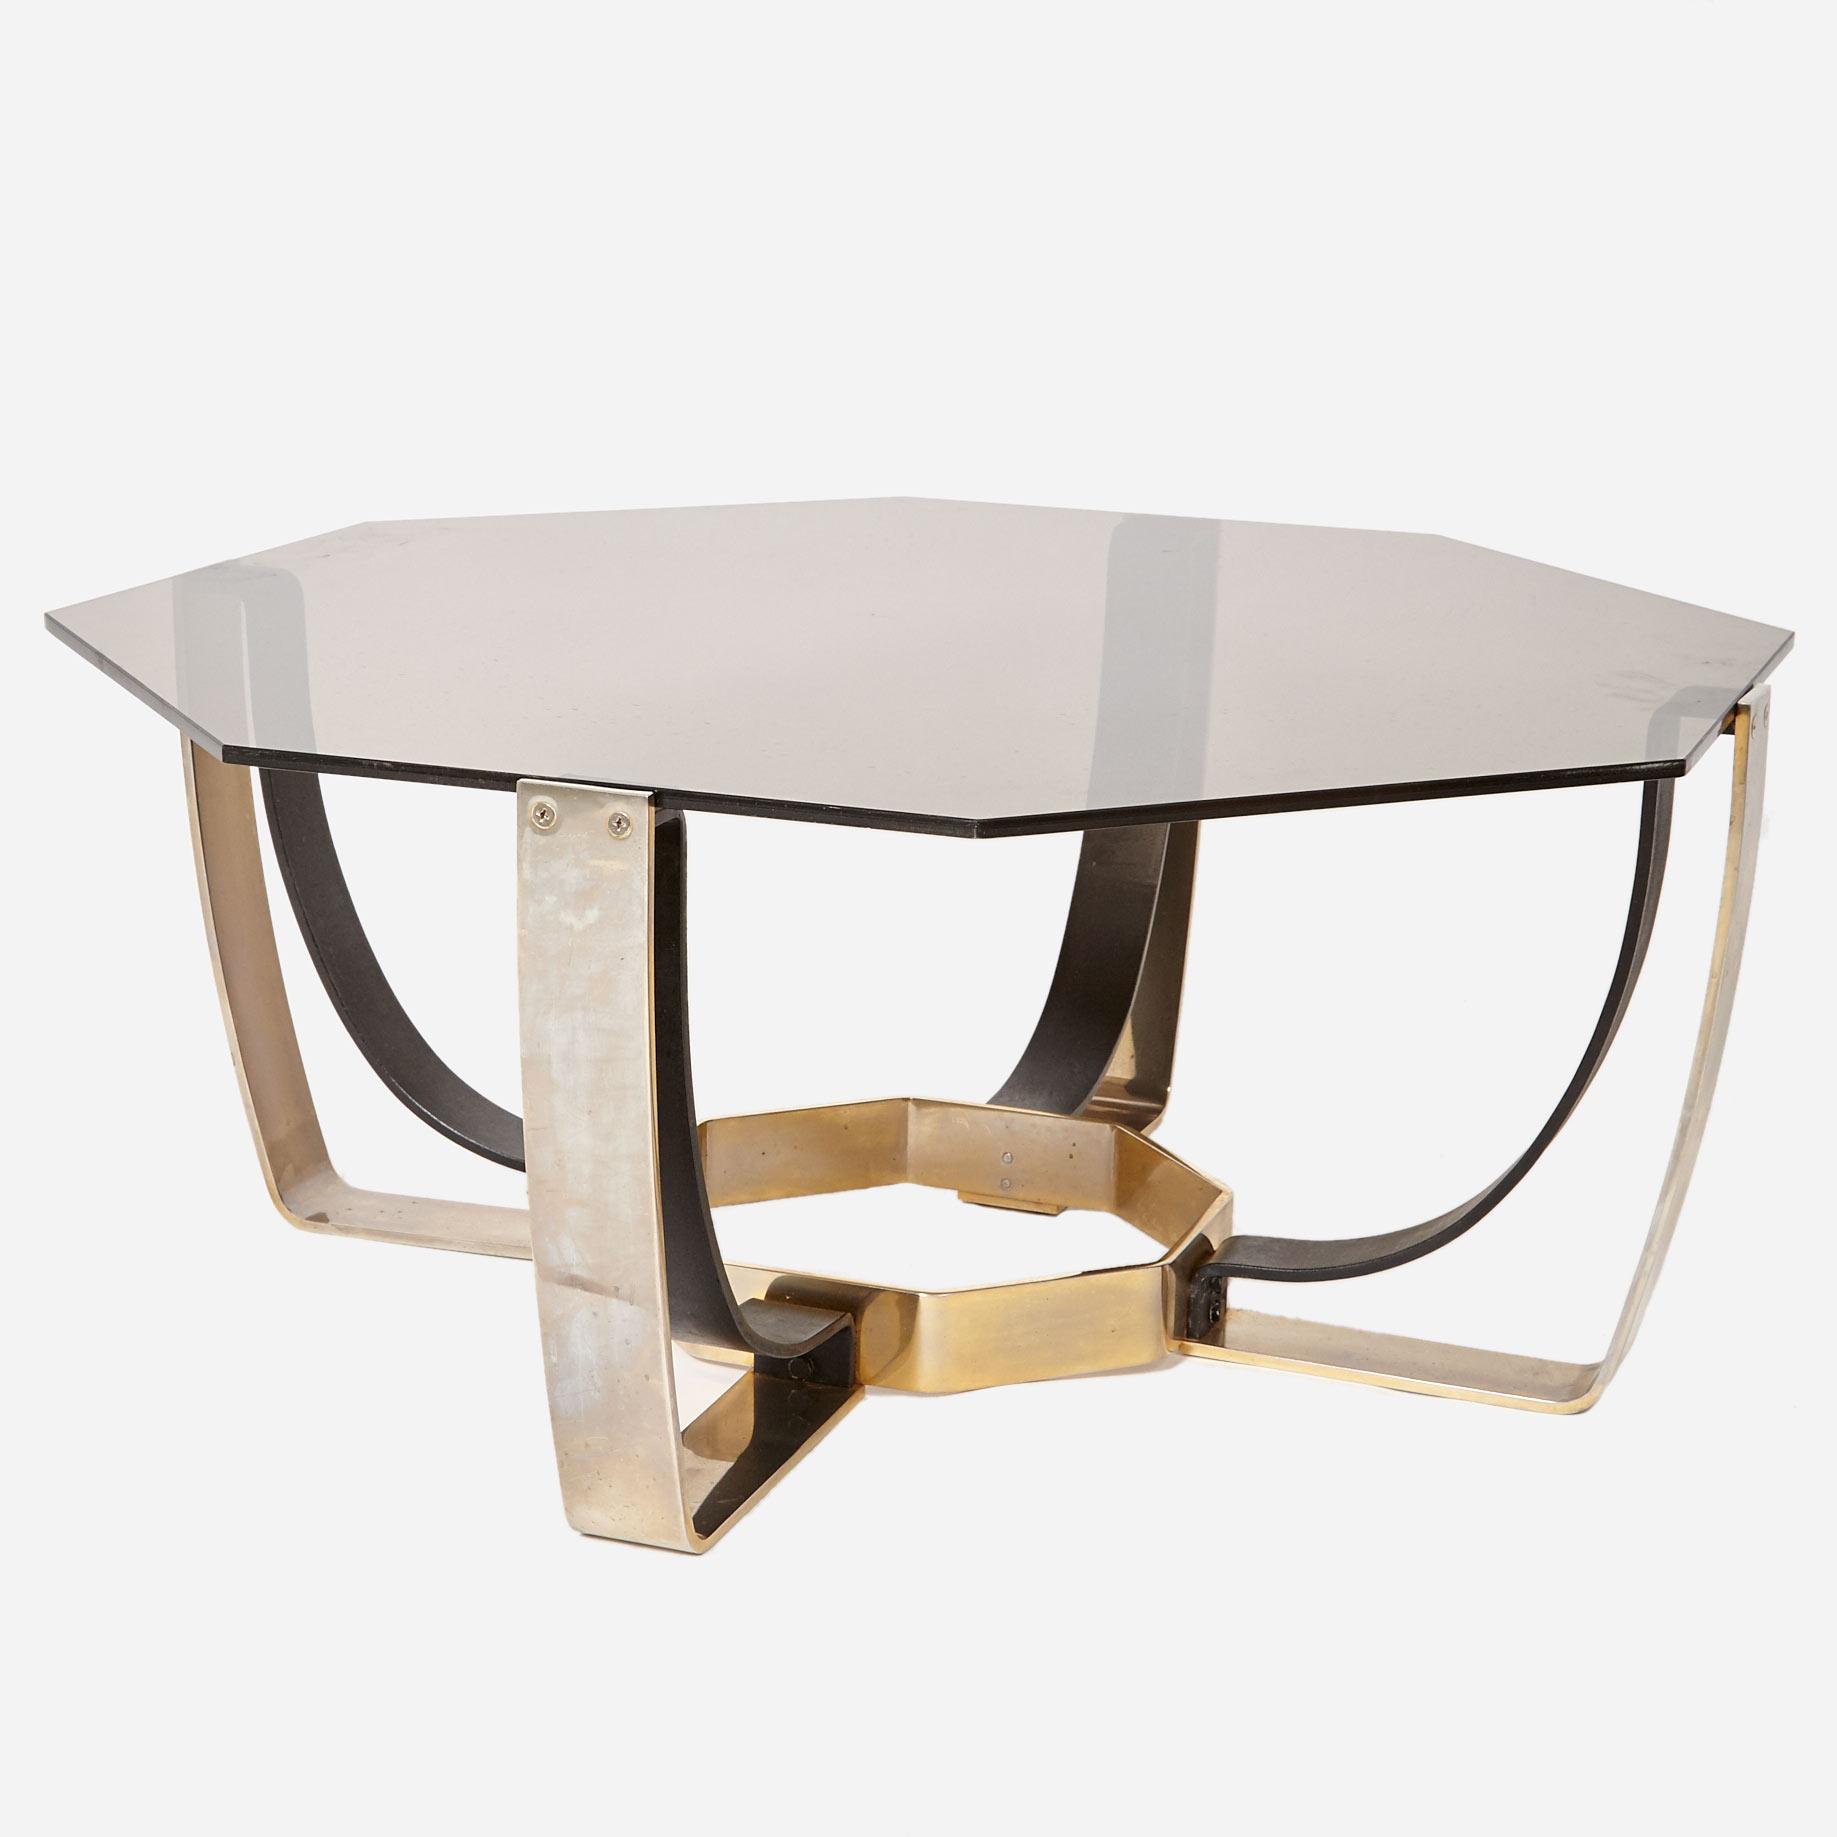 8 eckiger couchtisch mit glasplatte m bel z rich vintagem bel. Black Bedroom Furniture Sets. Home Design Ideas